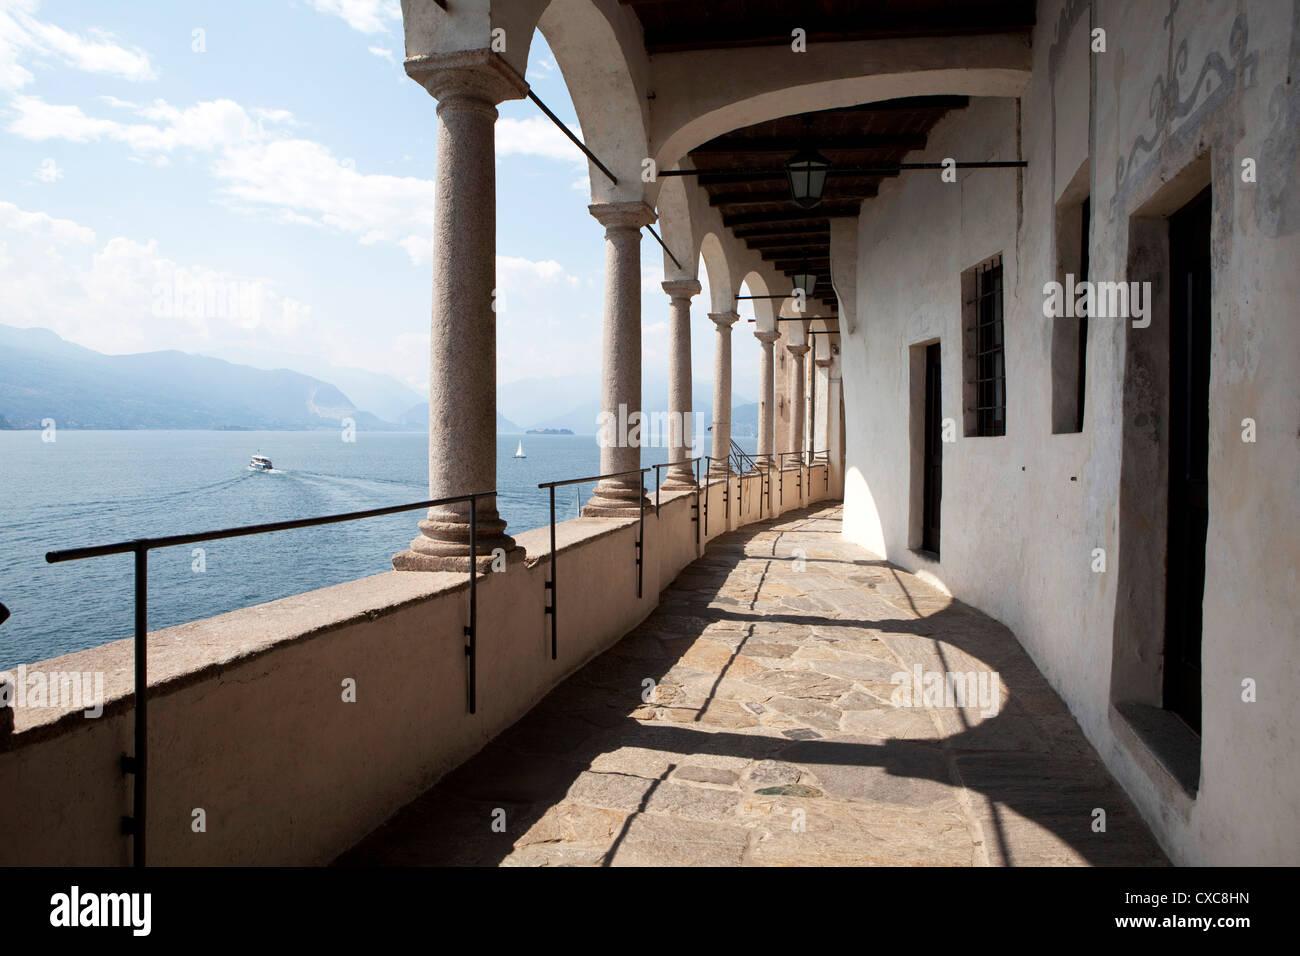 Balcony of the Santa Caterina Monastery and Hermitage, Lake Maggiore, Lombardy, Italian Lakes, Italy, Europe - Stock Image